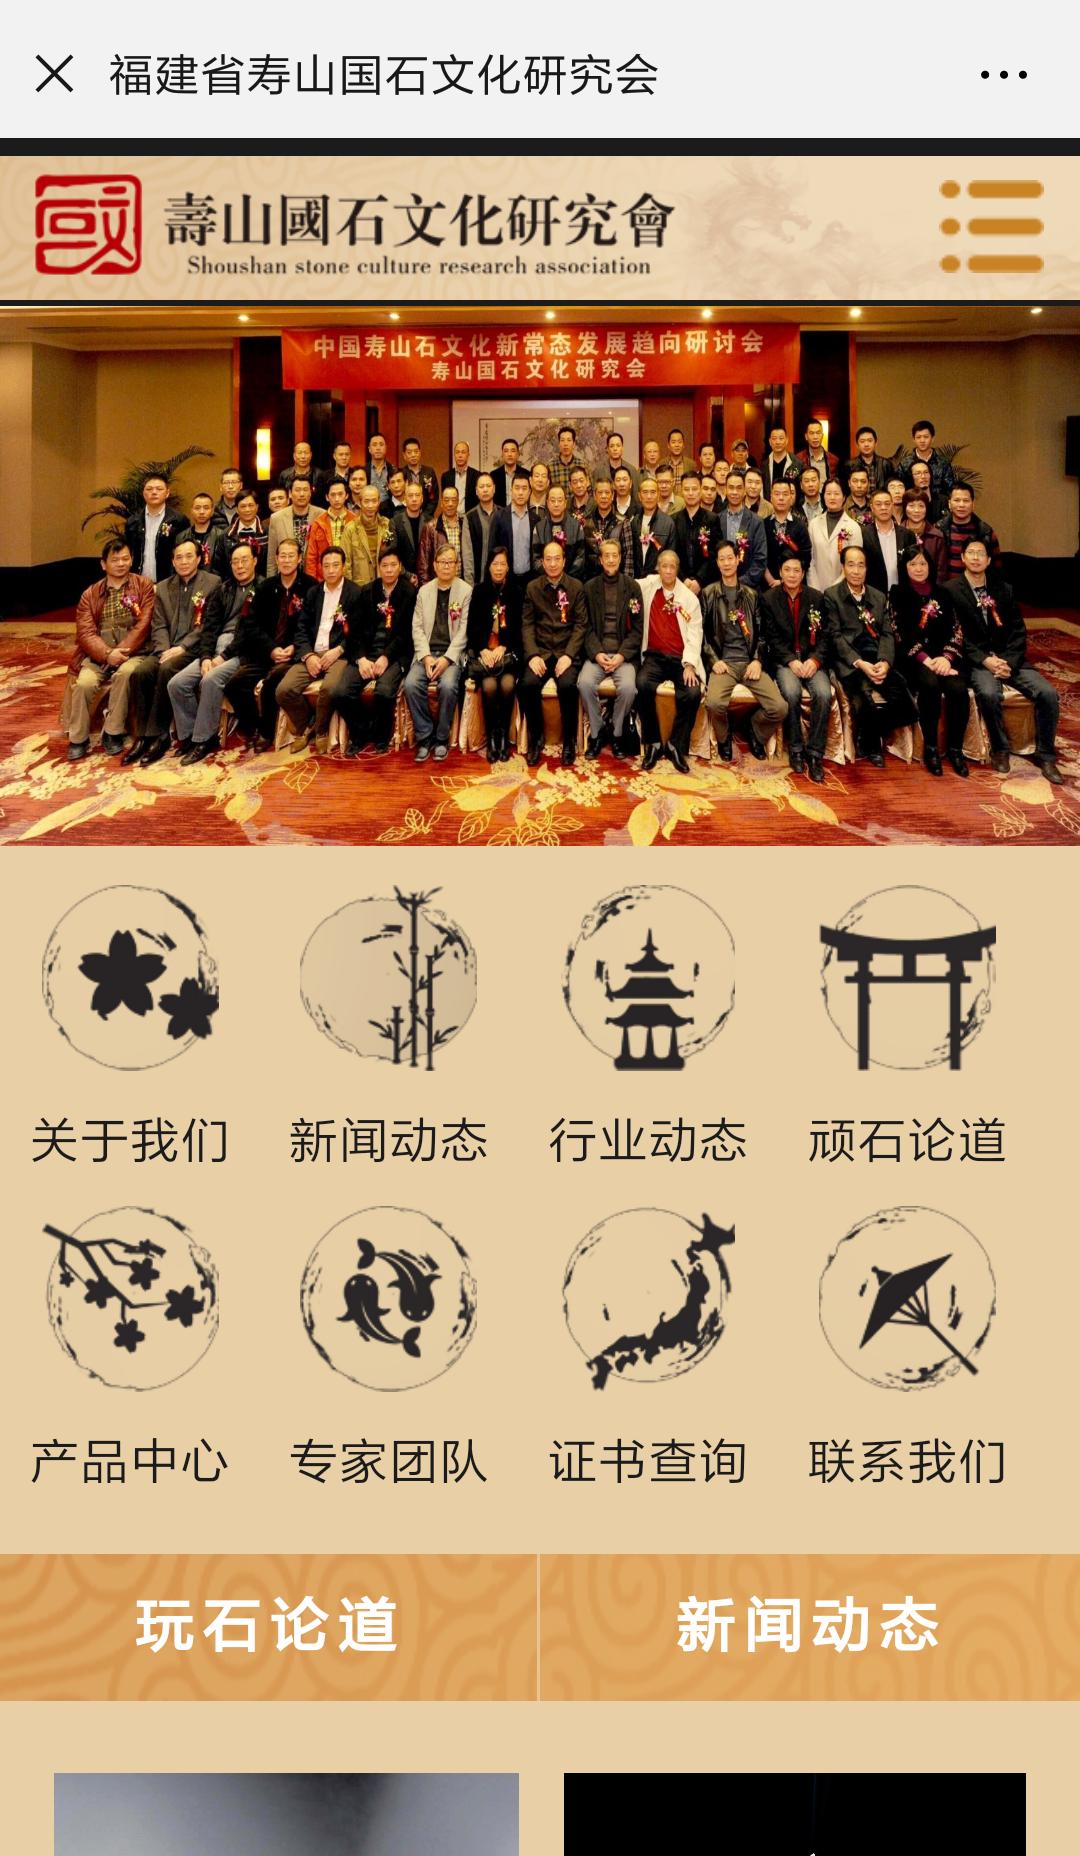 福建省寿山国石文化研究会